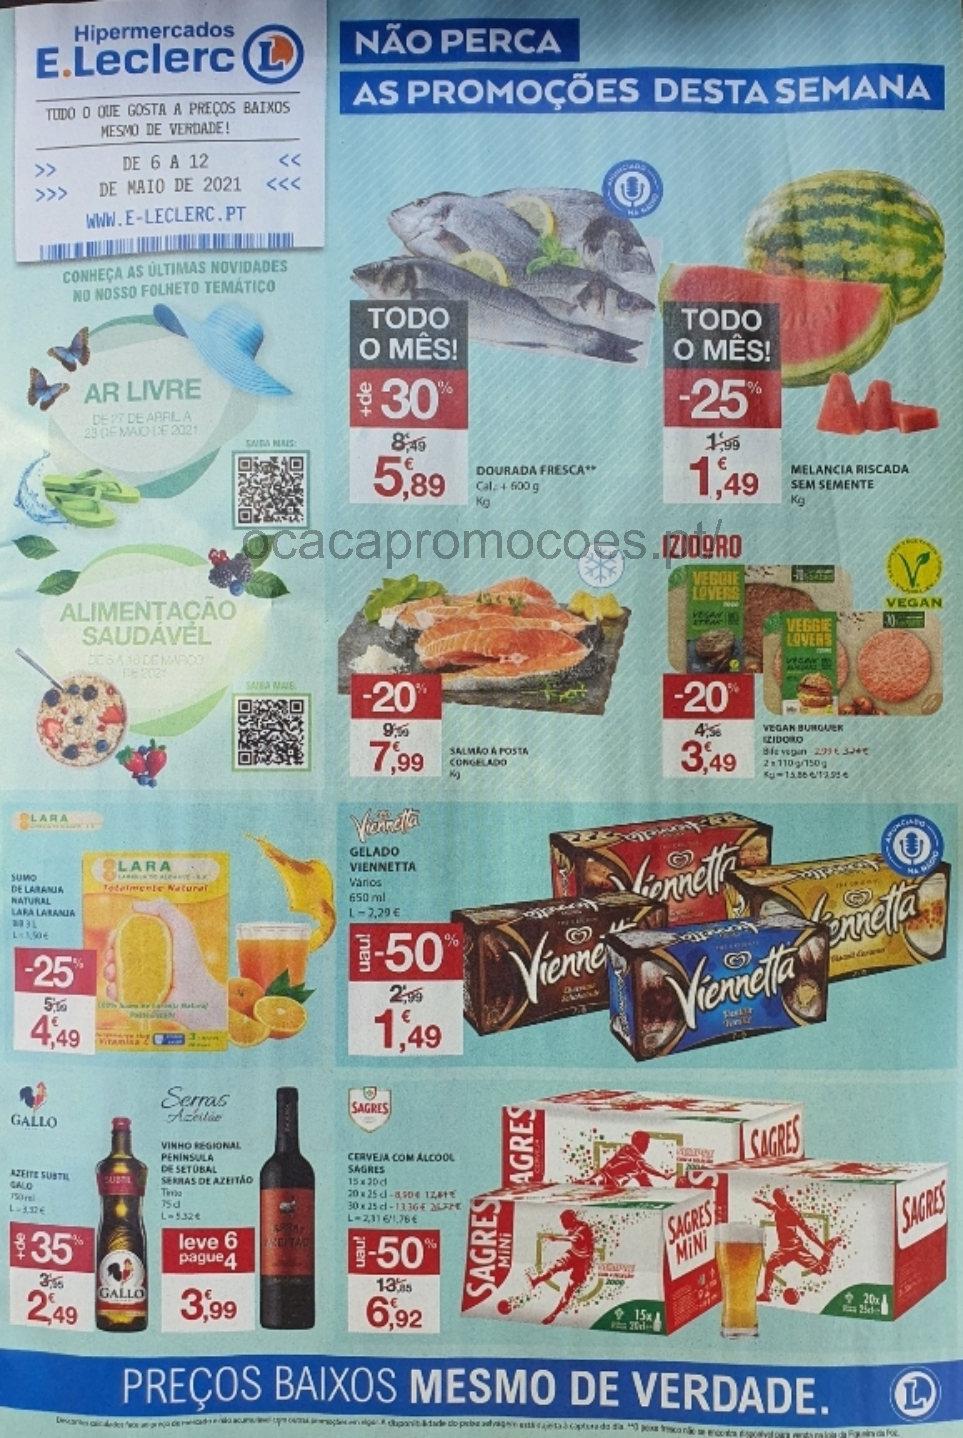 folheto e leclerc promocoes 6 12 maio Page1